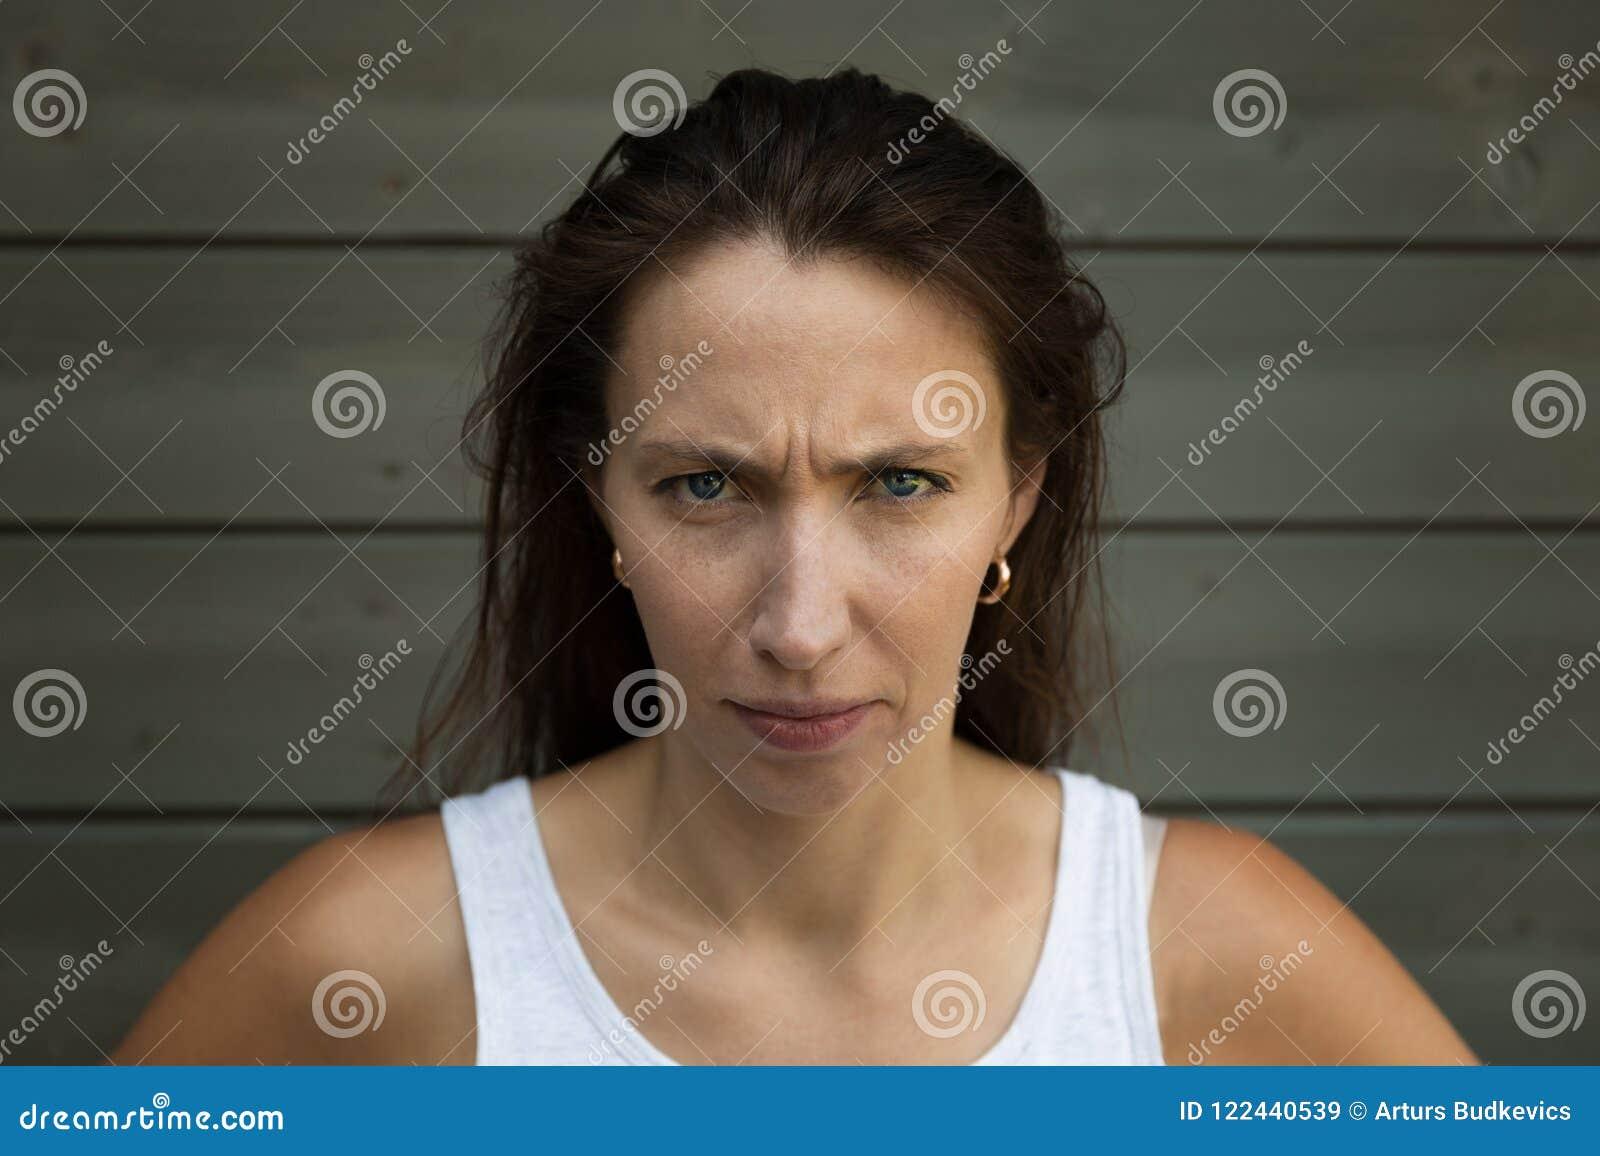 Ärger- und Rasereikonzept Junge ausdrucksvolle Frau zeigen ihr schlechtes Gesicht